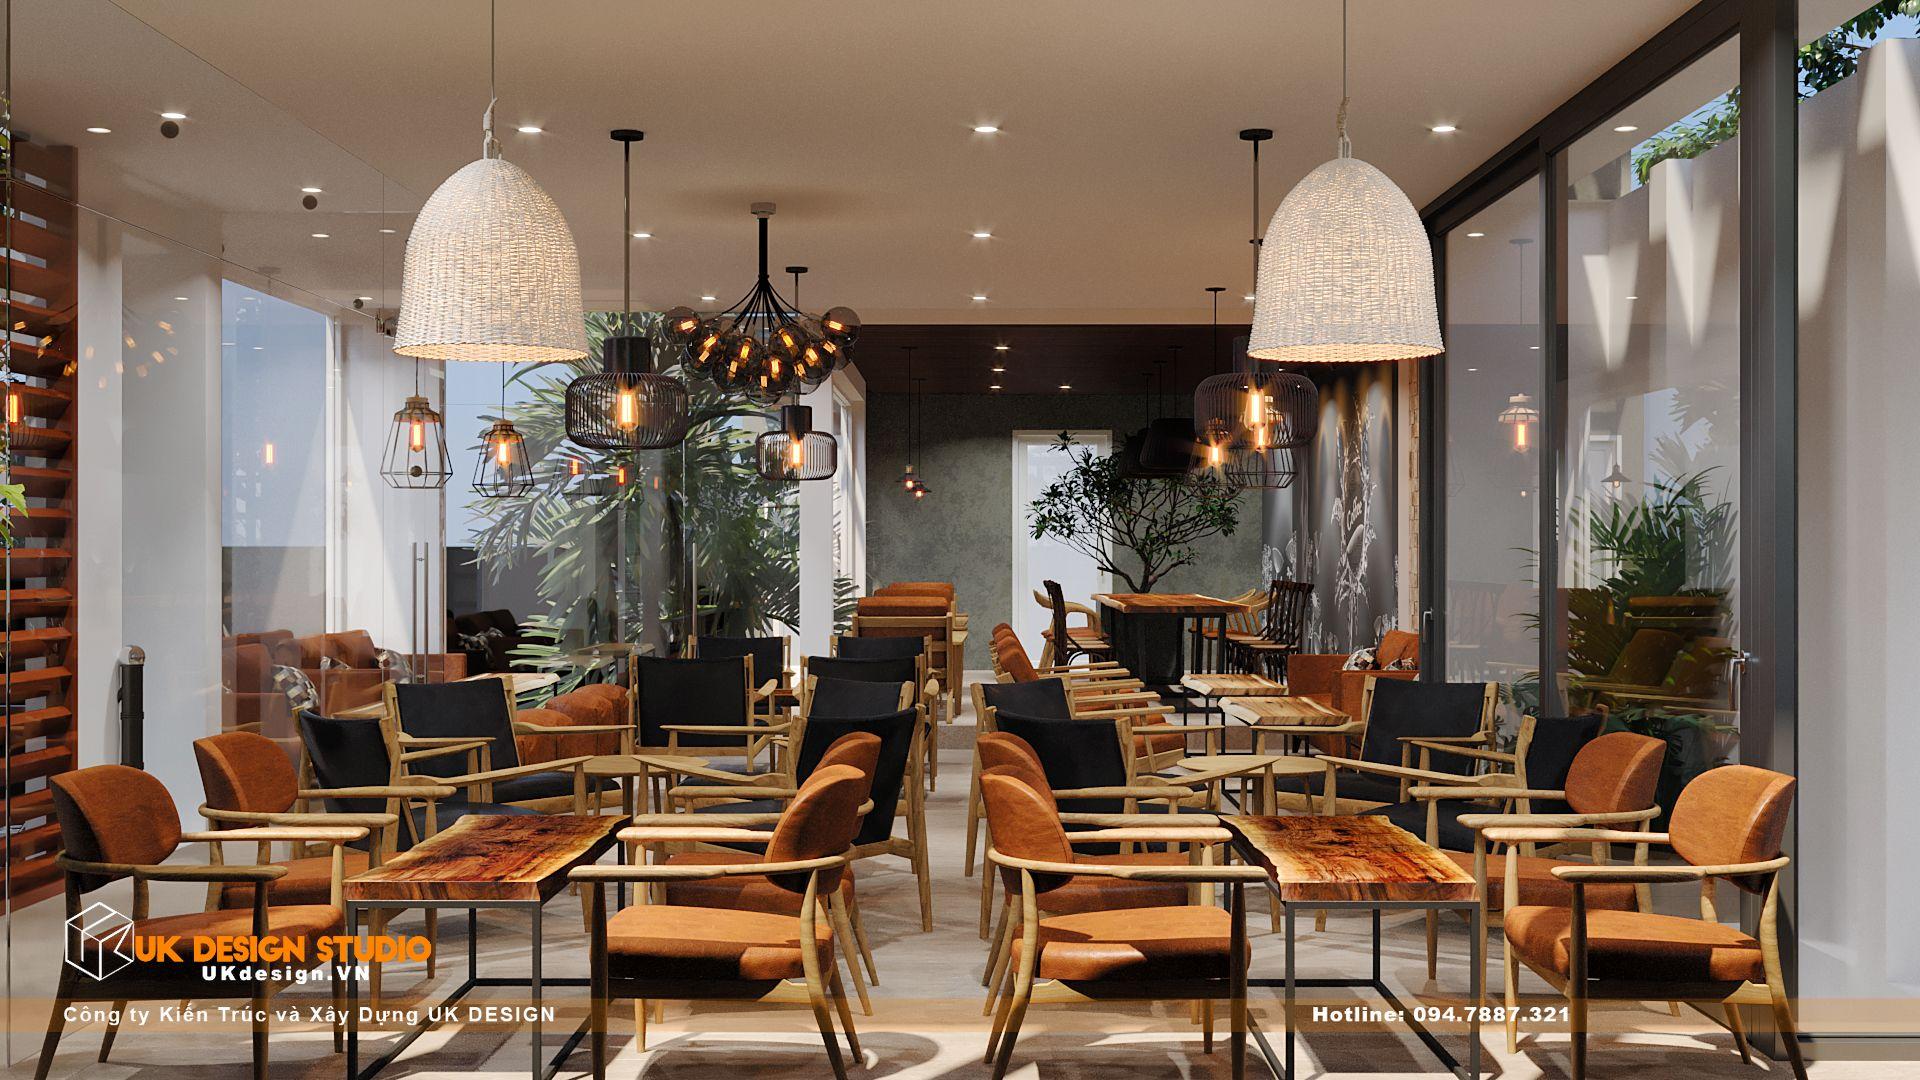 Thiết kế quán Cafe sân vườn, MỘC coffee 6